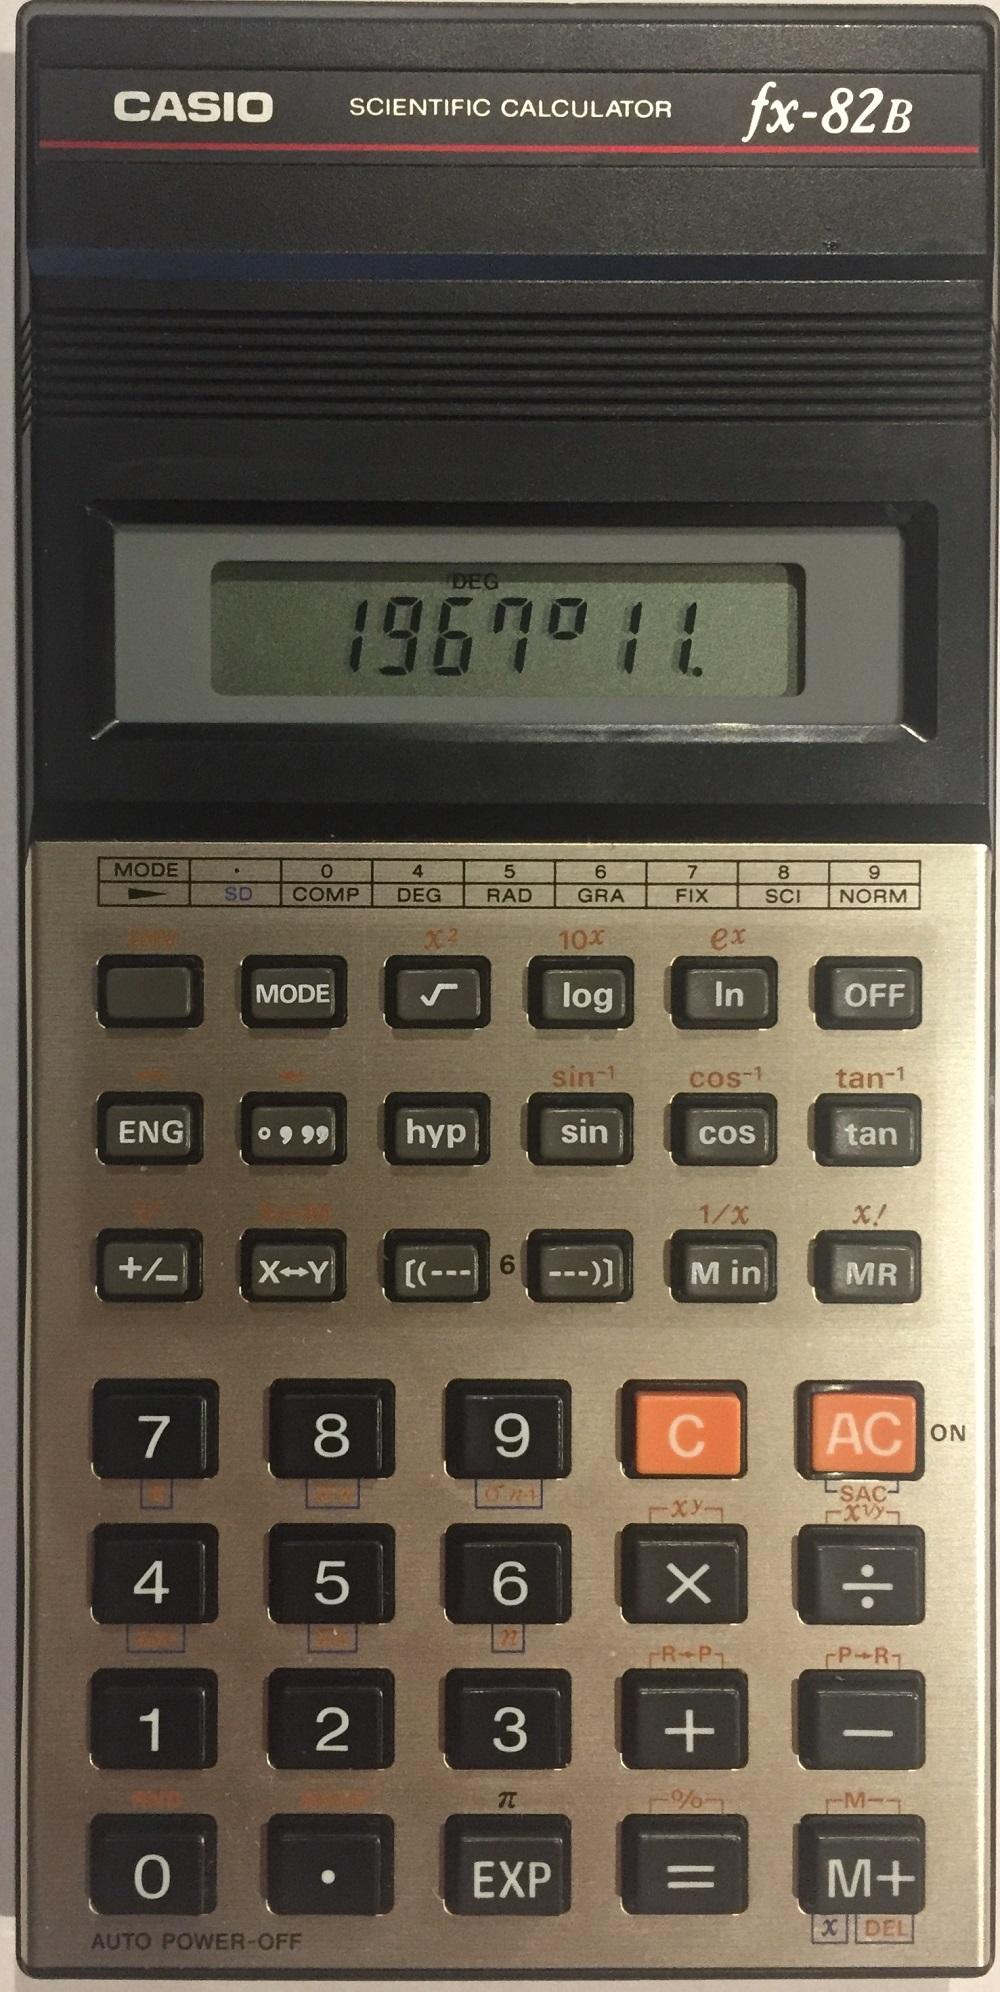 CASIO Fx-82B - Ordinateurs De Poche & Calculatrices Casio